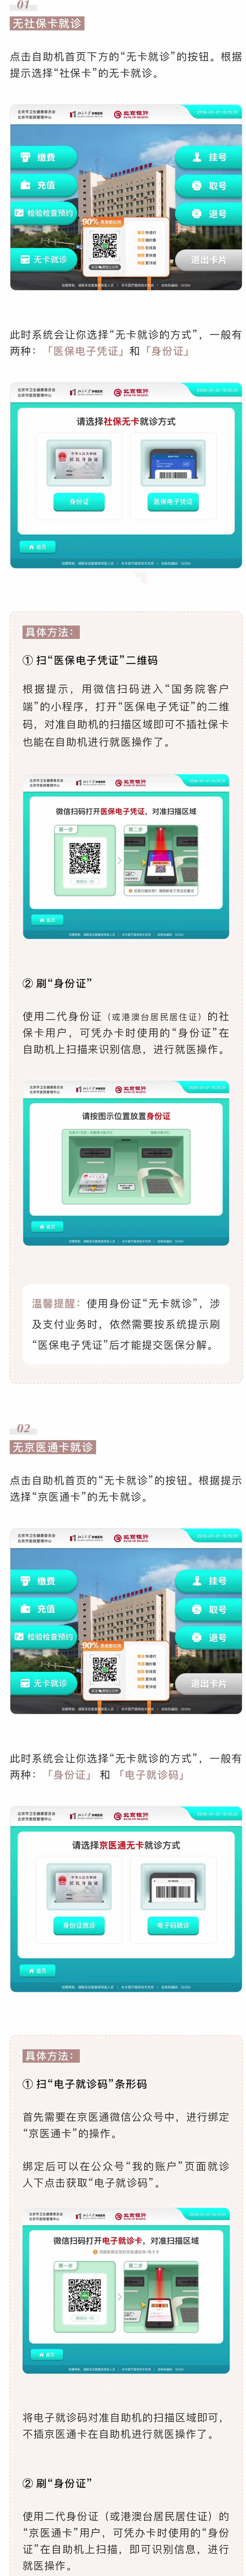 京医通升级啦!在北京忘带社保卡也可以看病